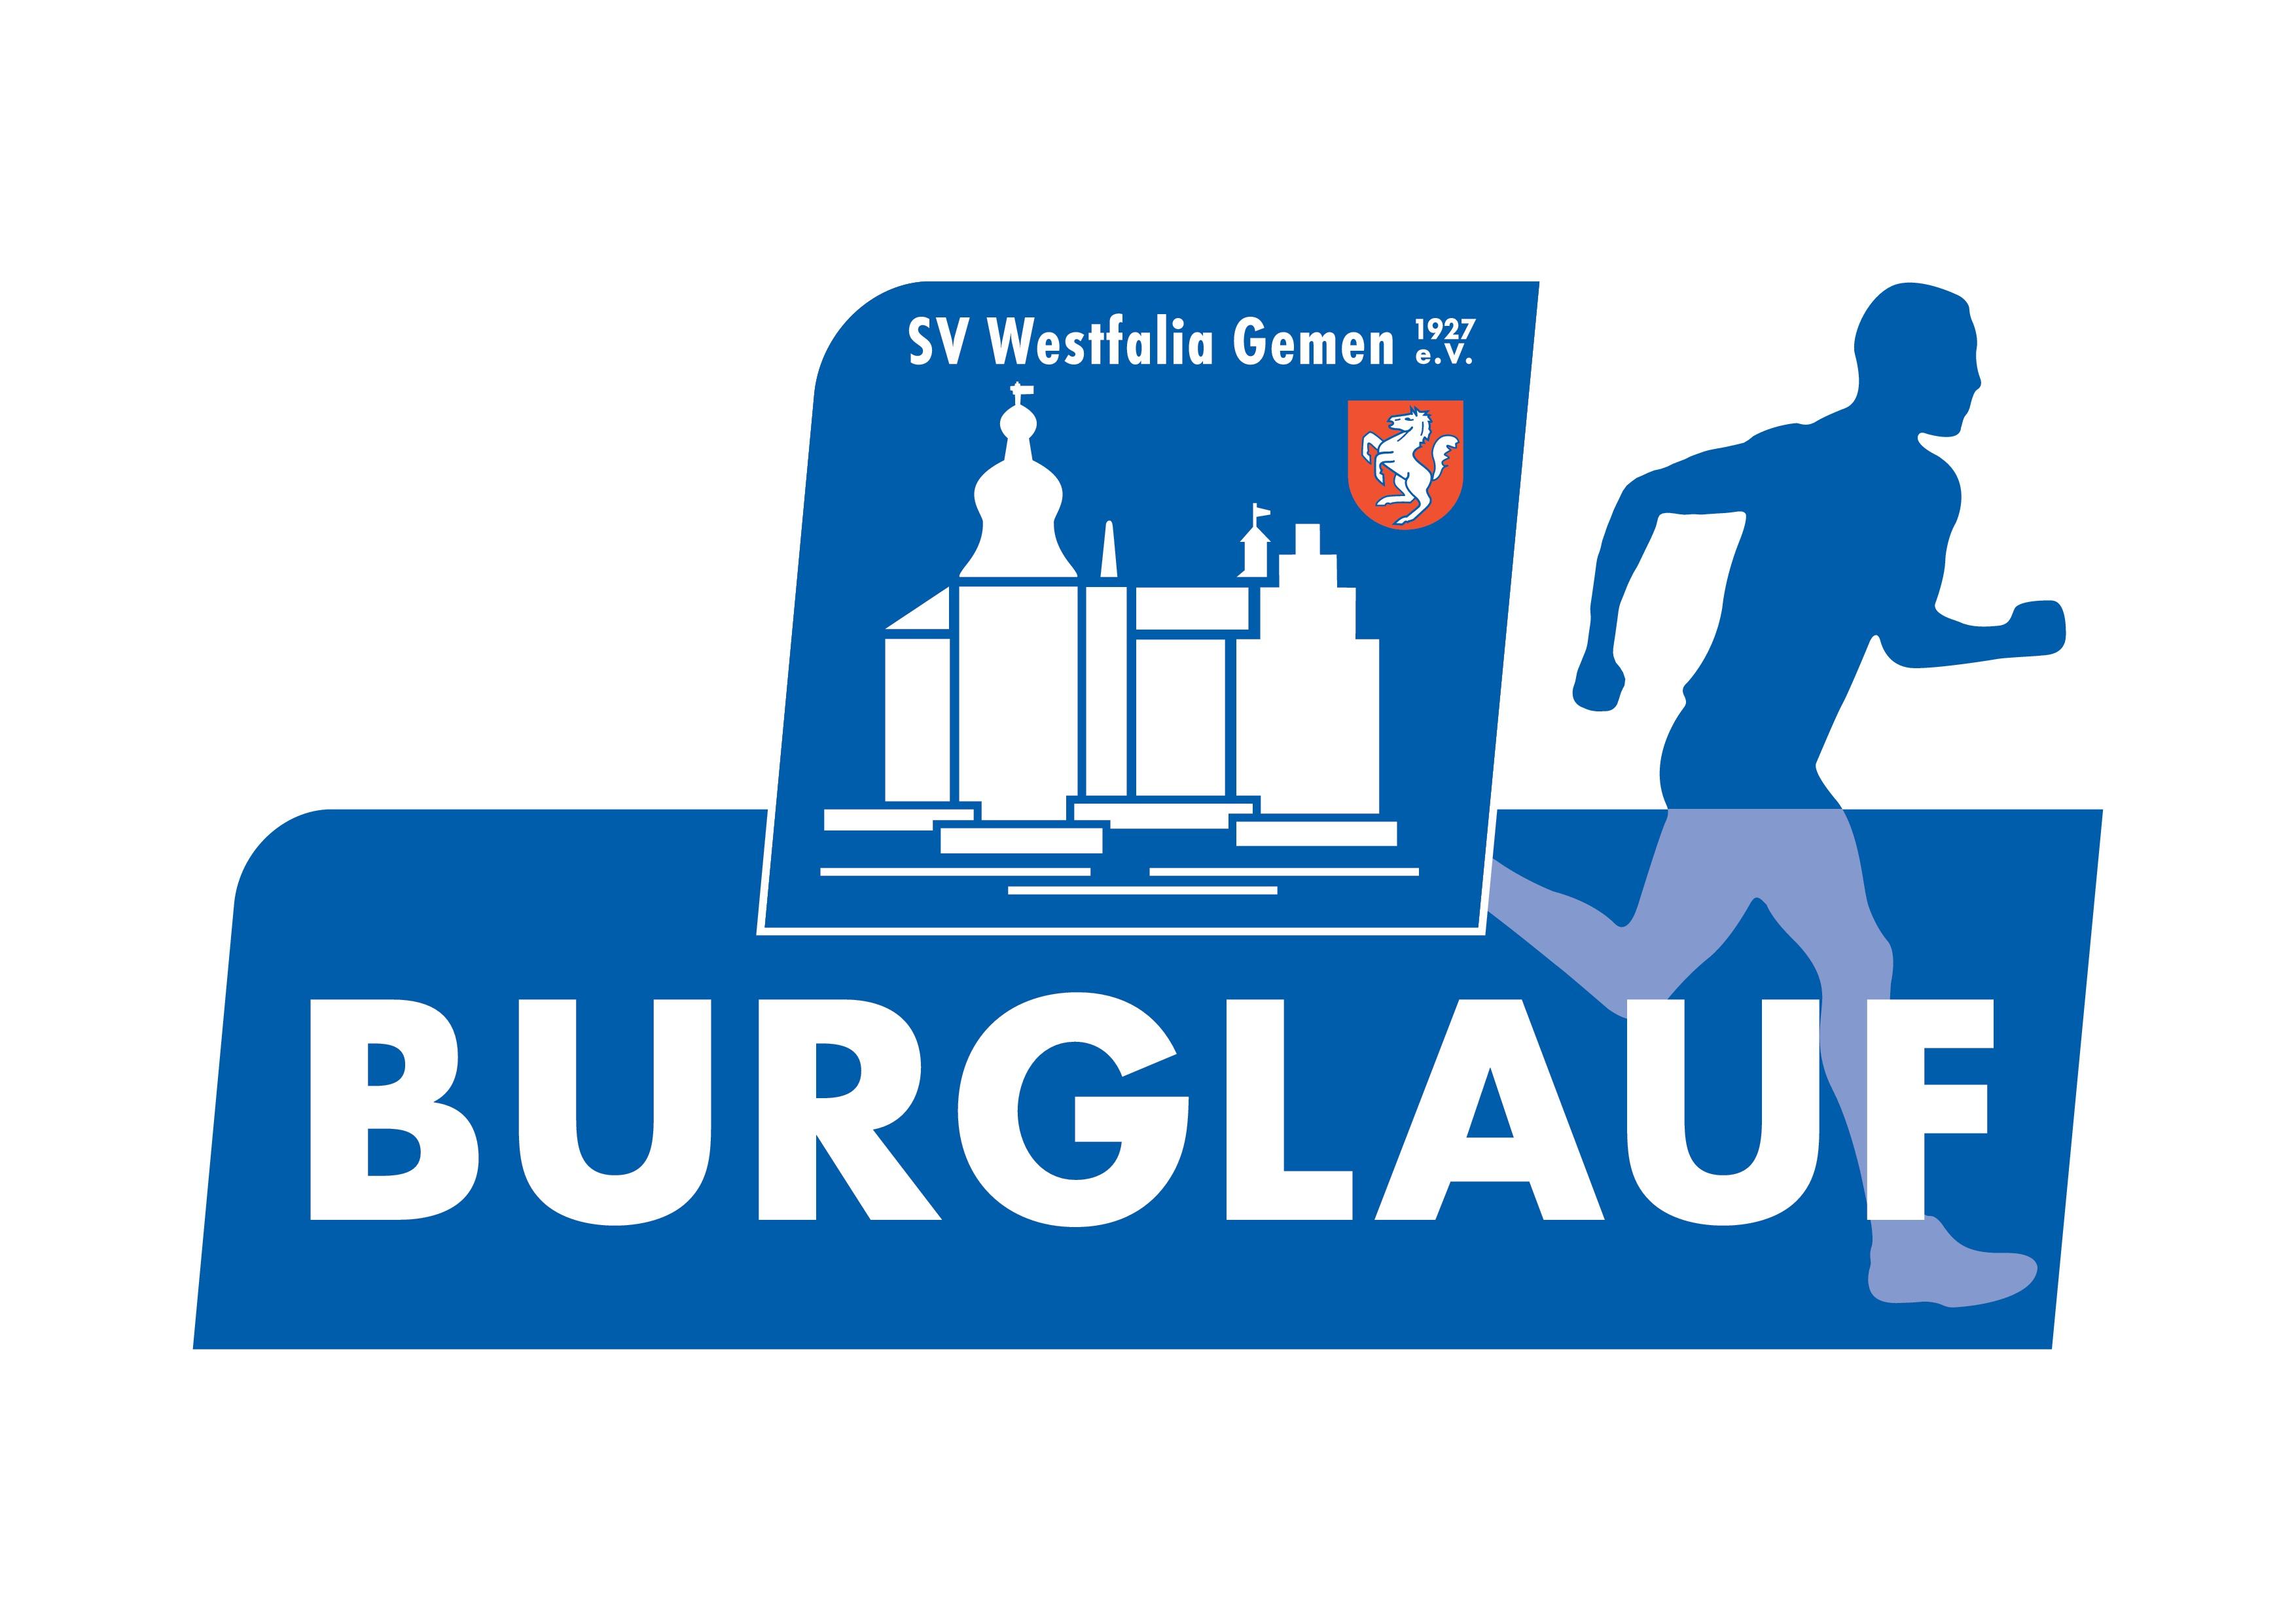 Burglauf Gemen 2019